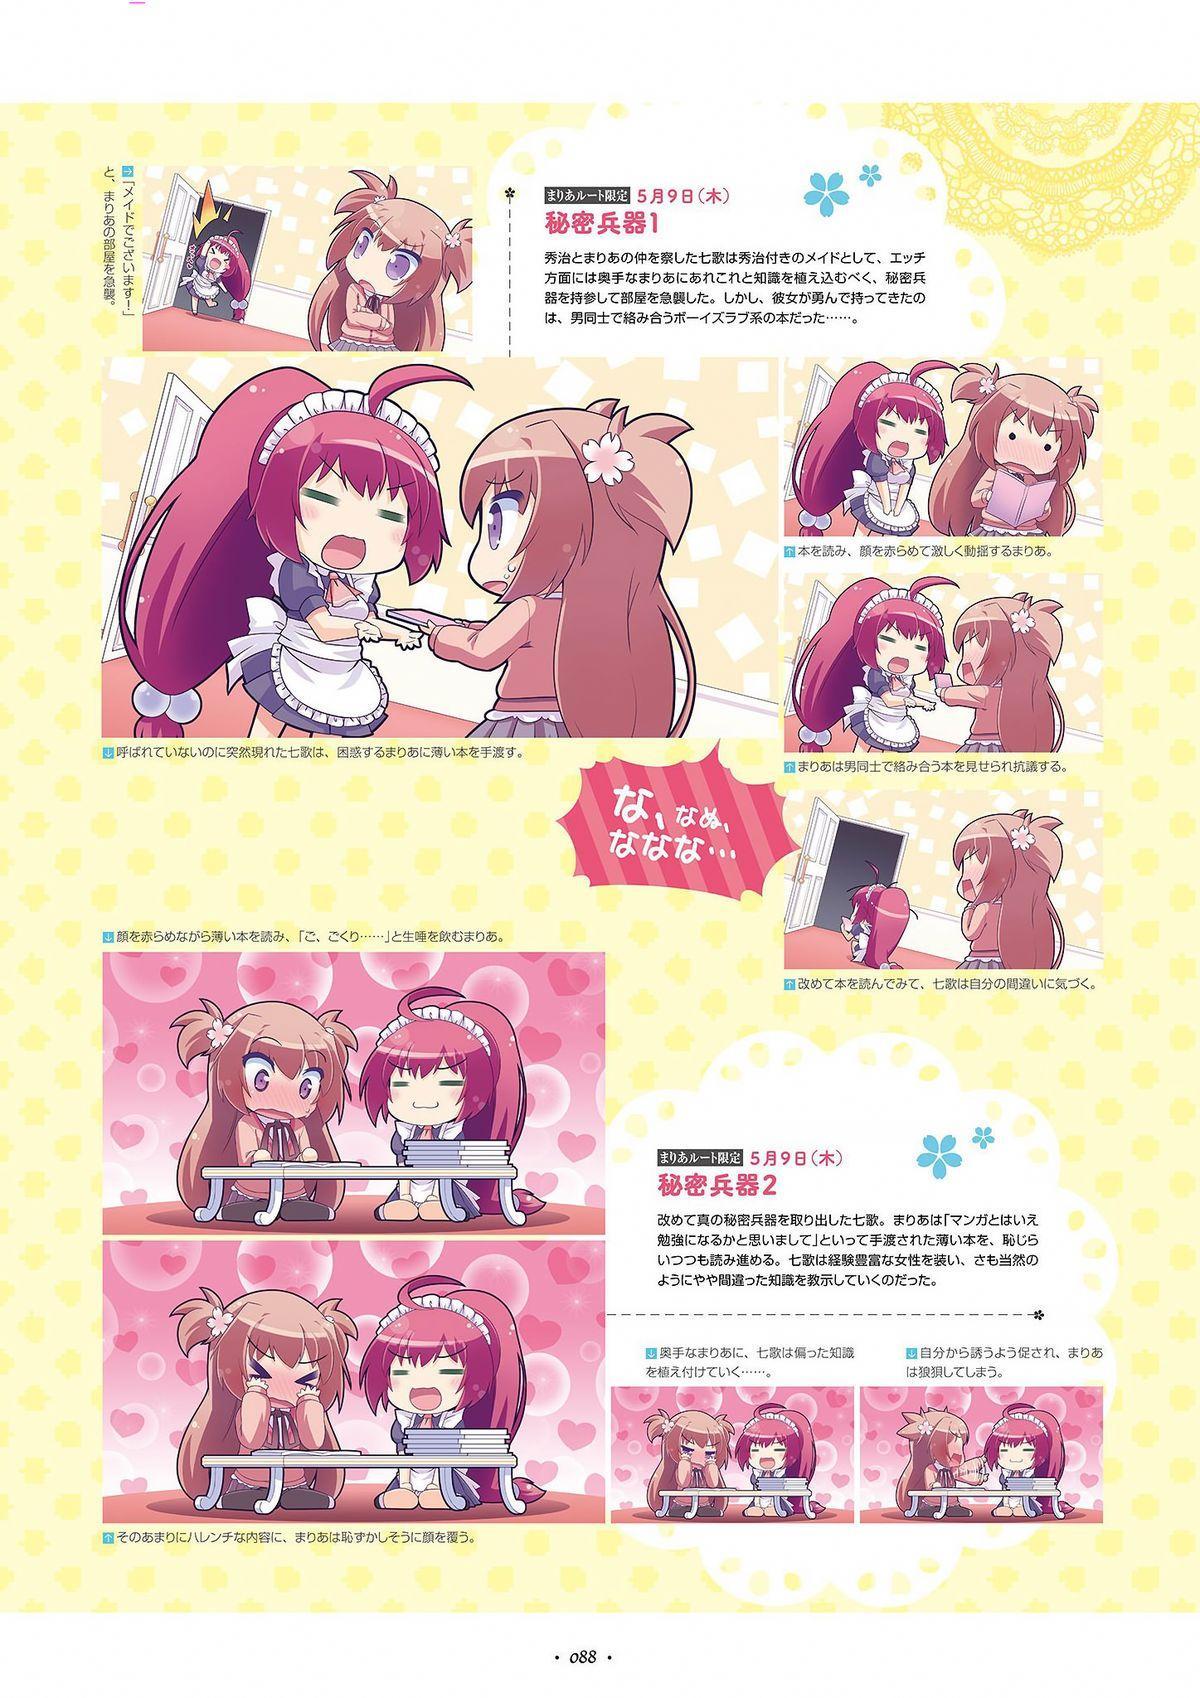 Shukufuku no Kane no Oto wa, Sakura-iro no Kaze to Tomo ni Visual Fanbook 89